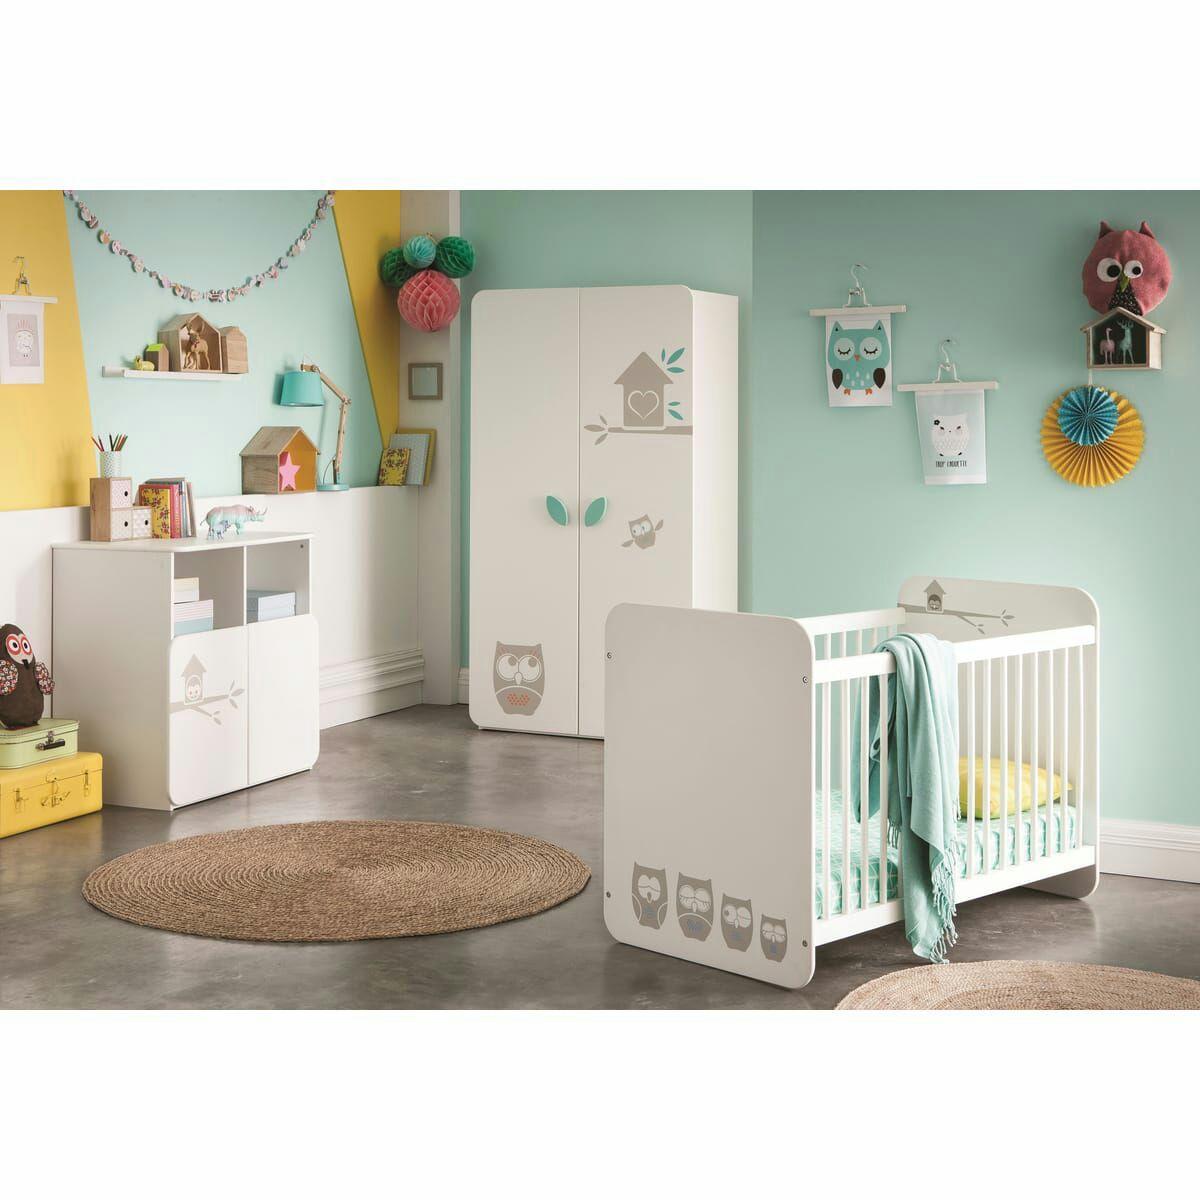 Ensemble Lit bébé à barreaux 60 x120 cm + commode à langer HOUHOU (armoire non incluse)